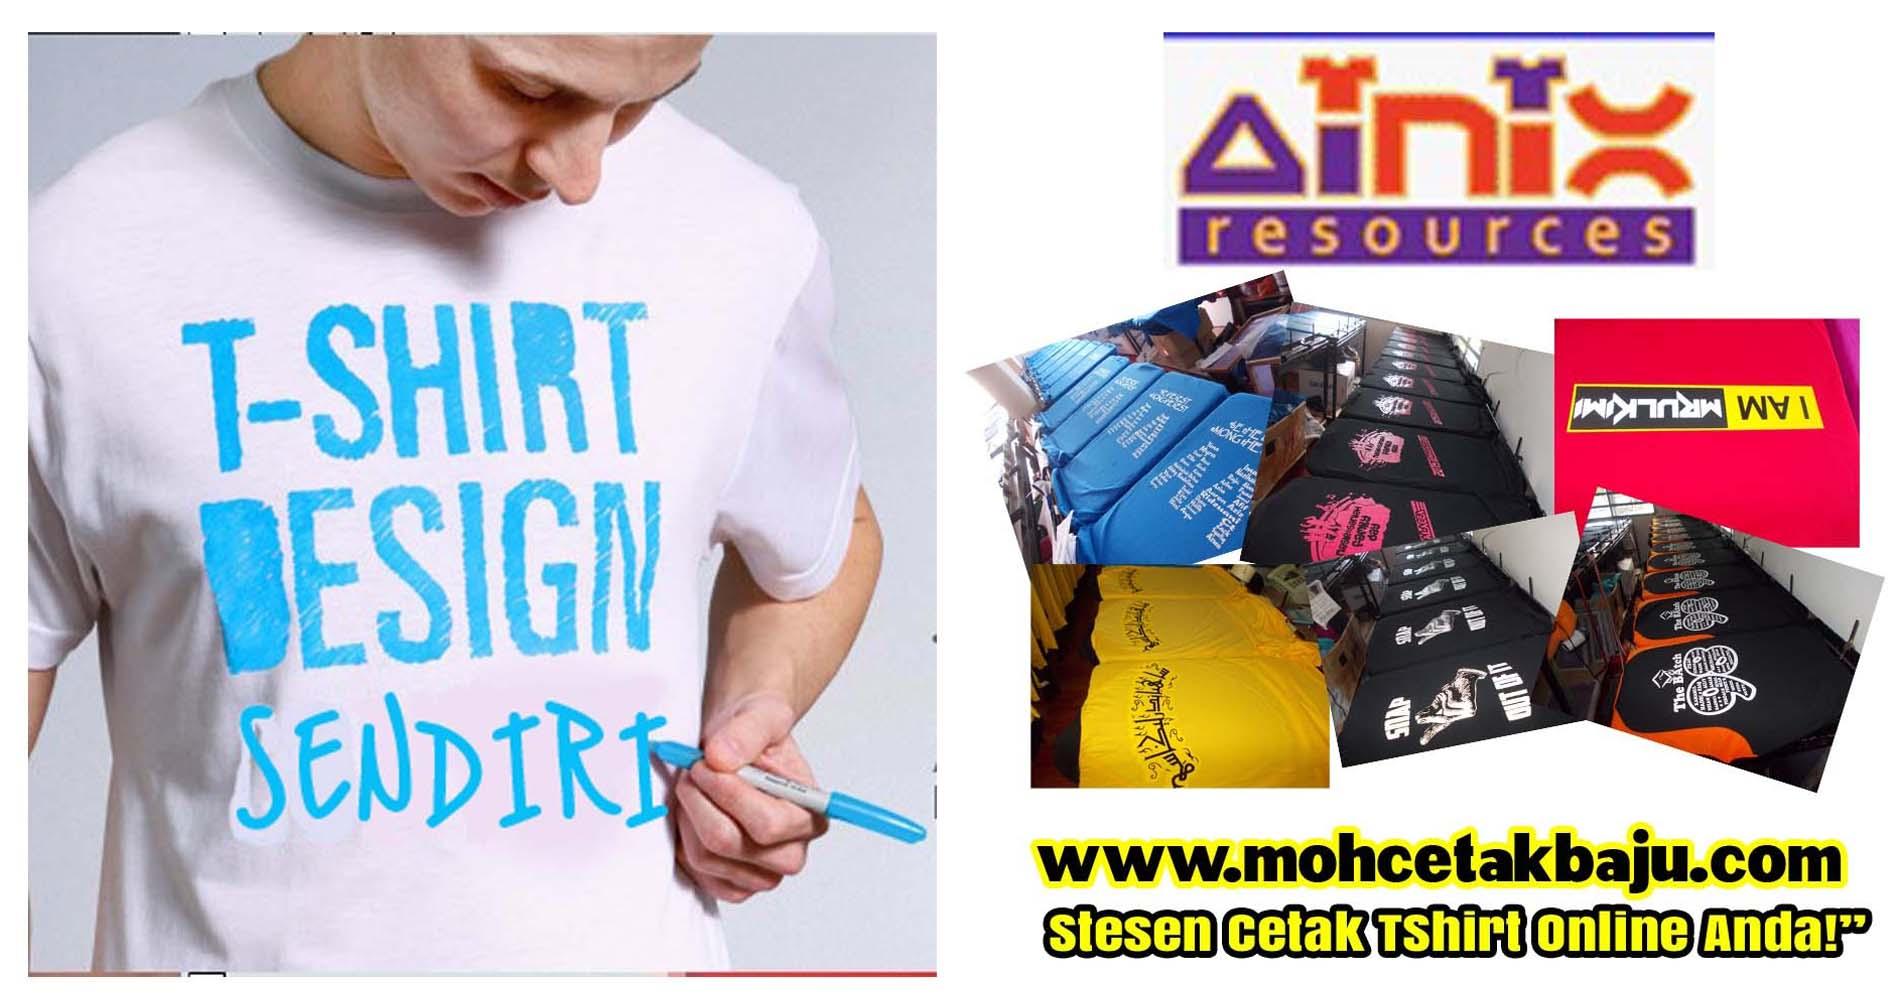 Designs contoh baju t shirt design baju berkolar shirt berkolar - Bisnes Tshirt Boleh Dapat Income Lumayan Kalau Betul Cara